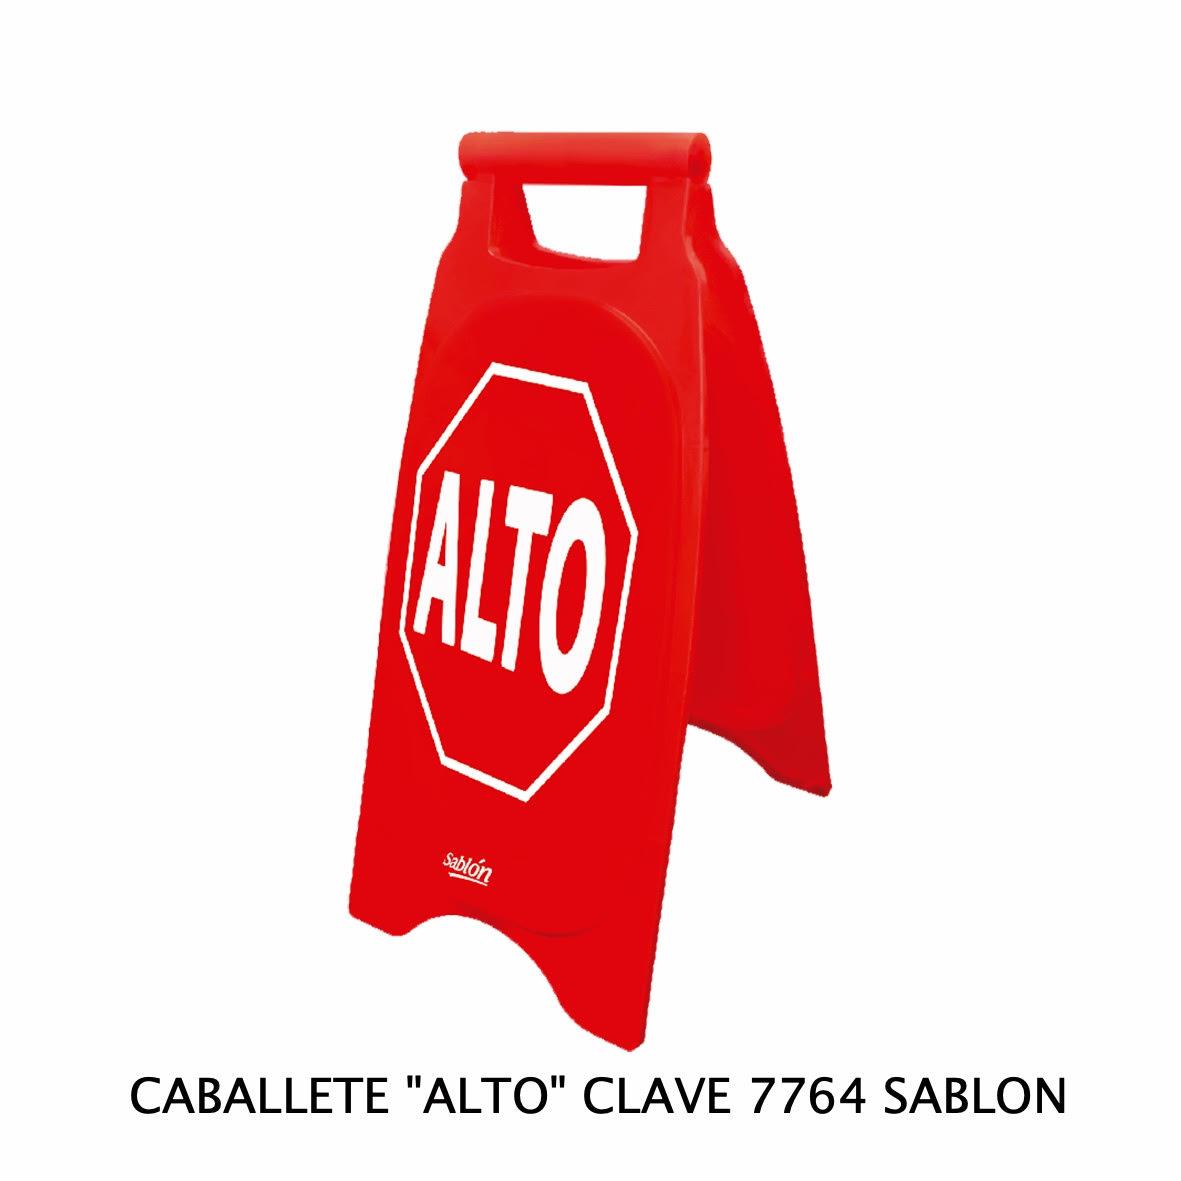 Caballete con señal ALTO Clave 7864 de Sablón